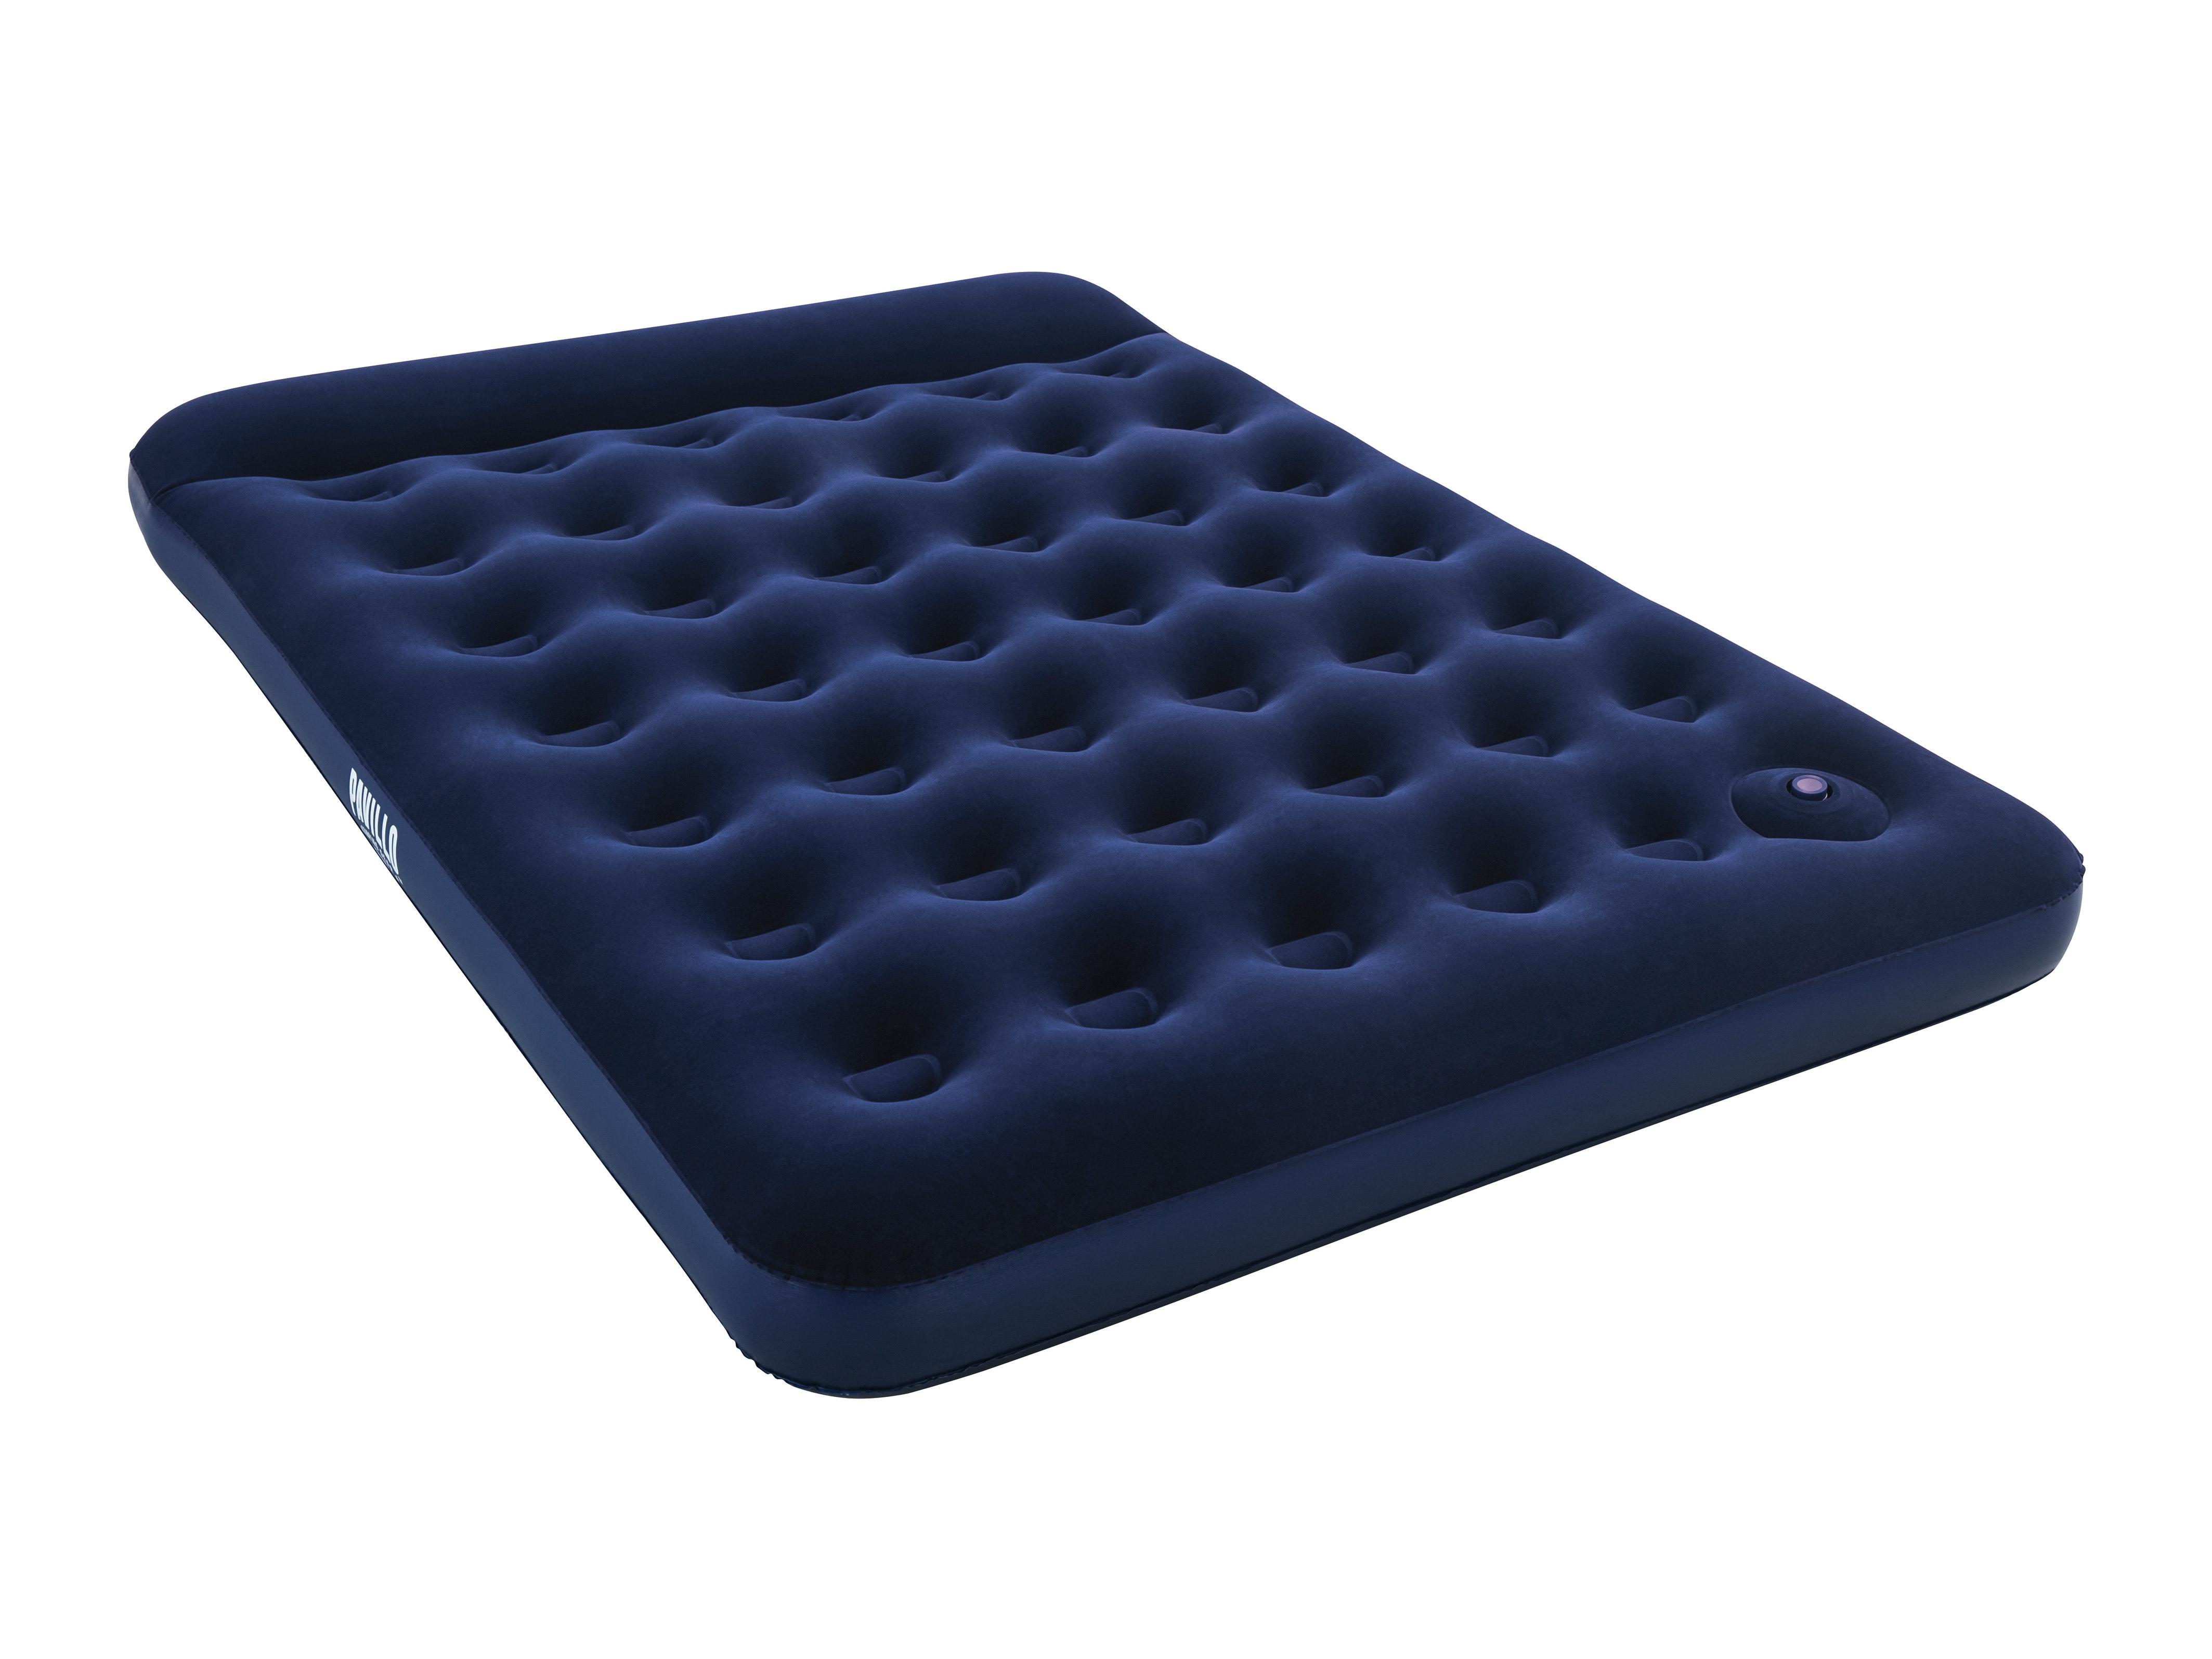 Bestway Air Bed Venture Queen